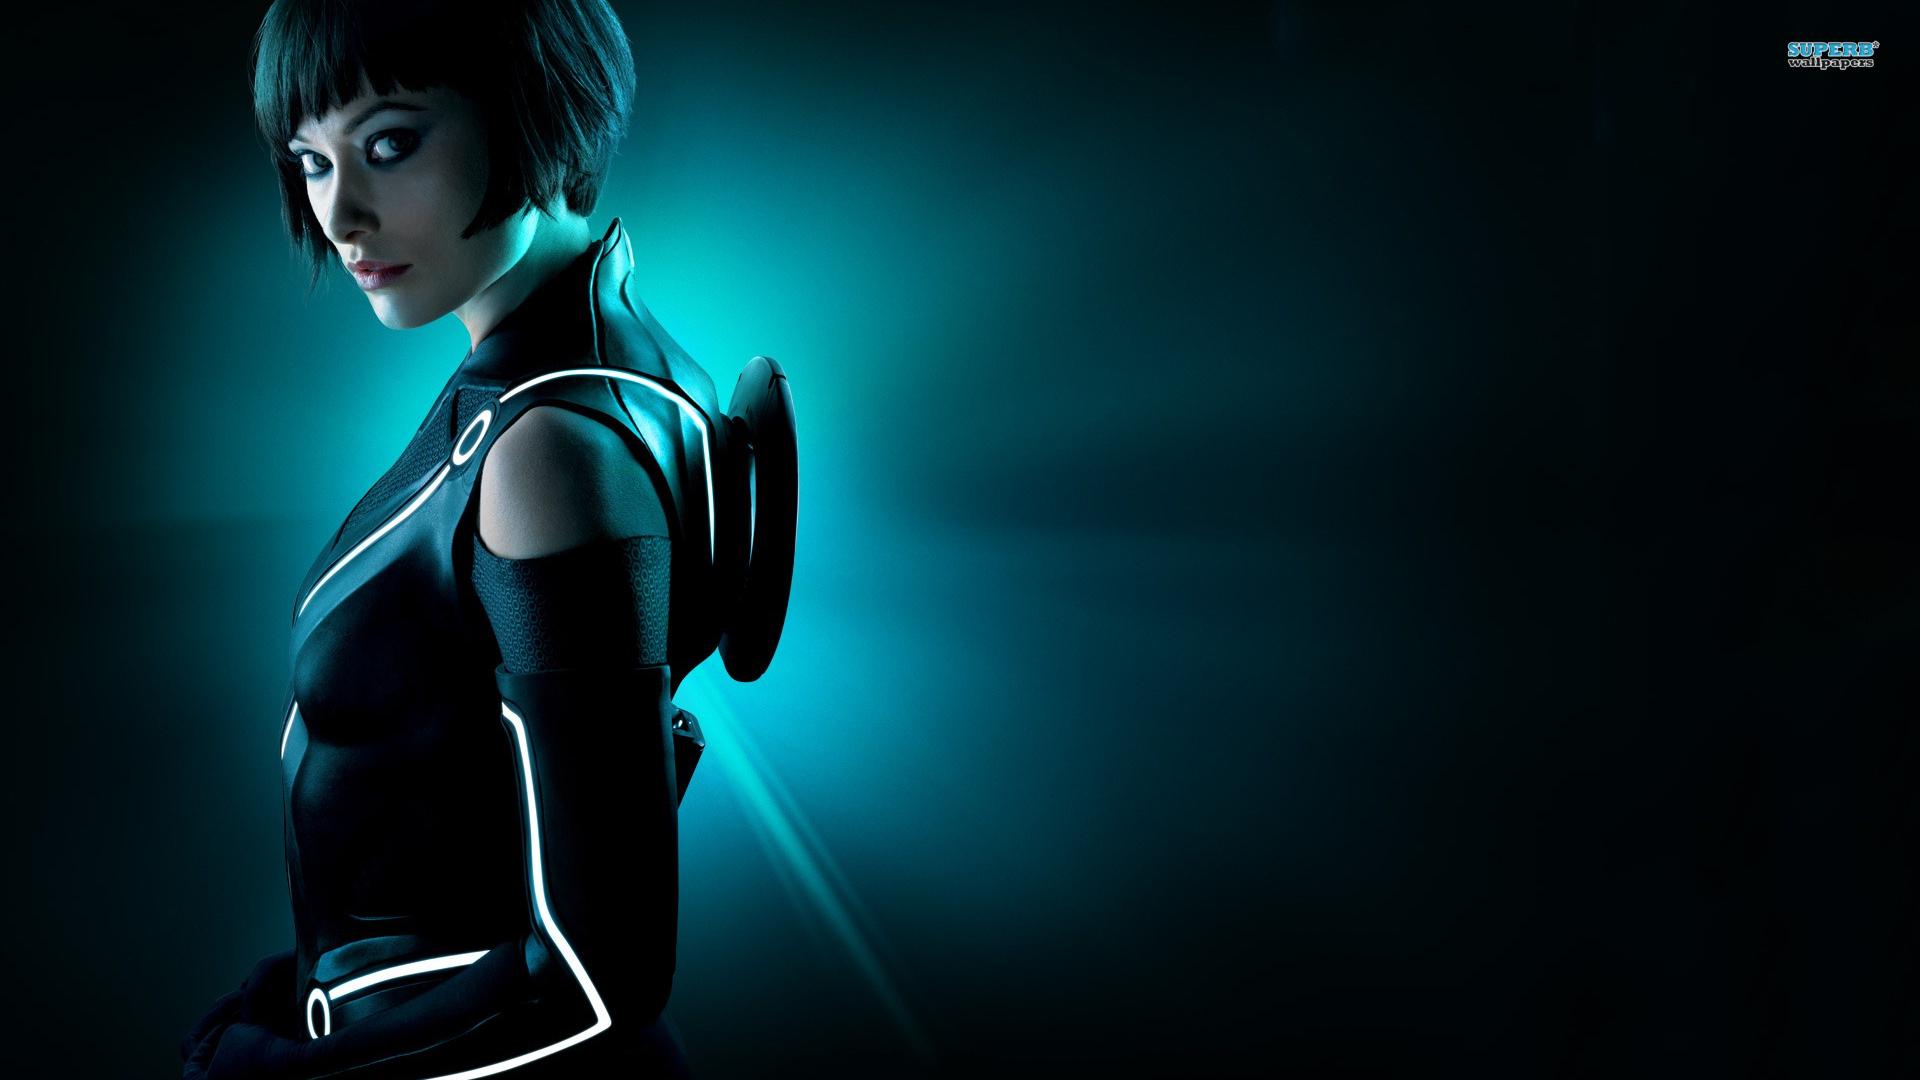 images of wallpaper tron cyberbike girl - #fan